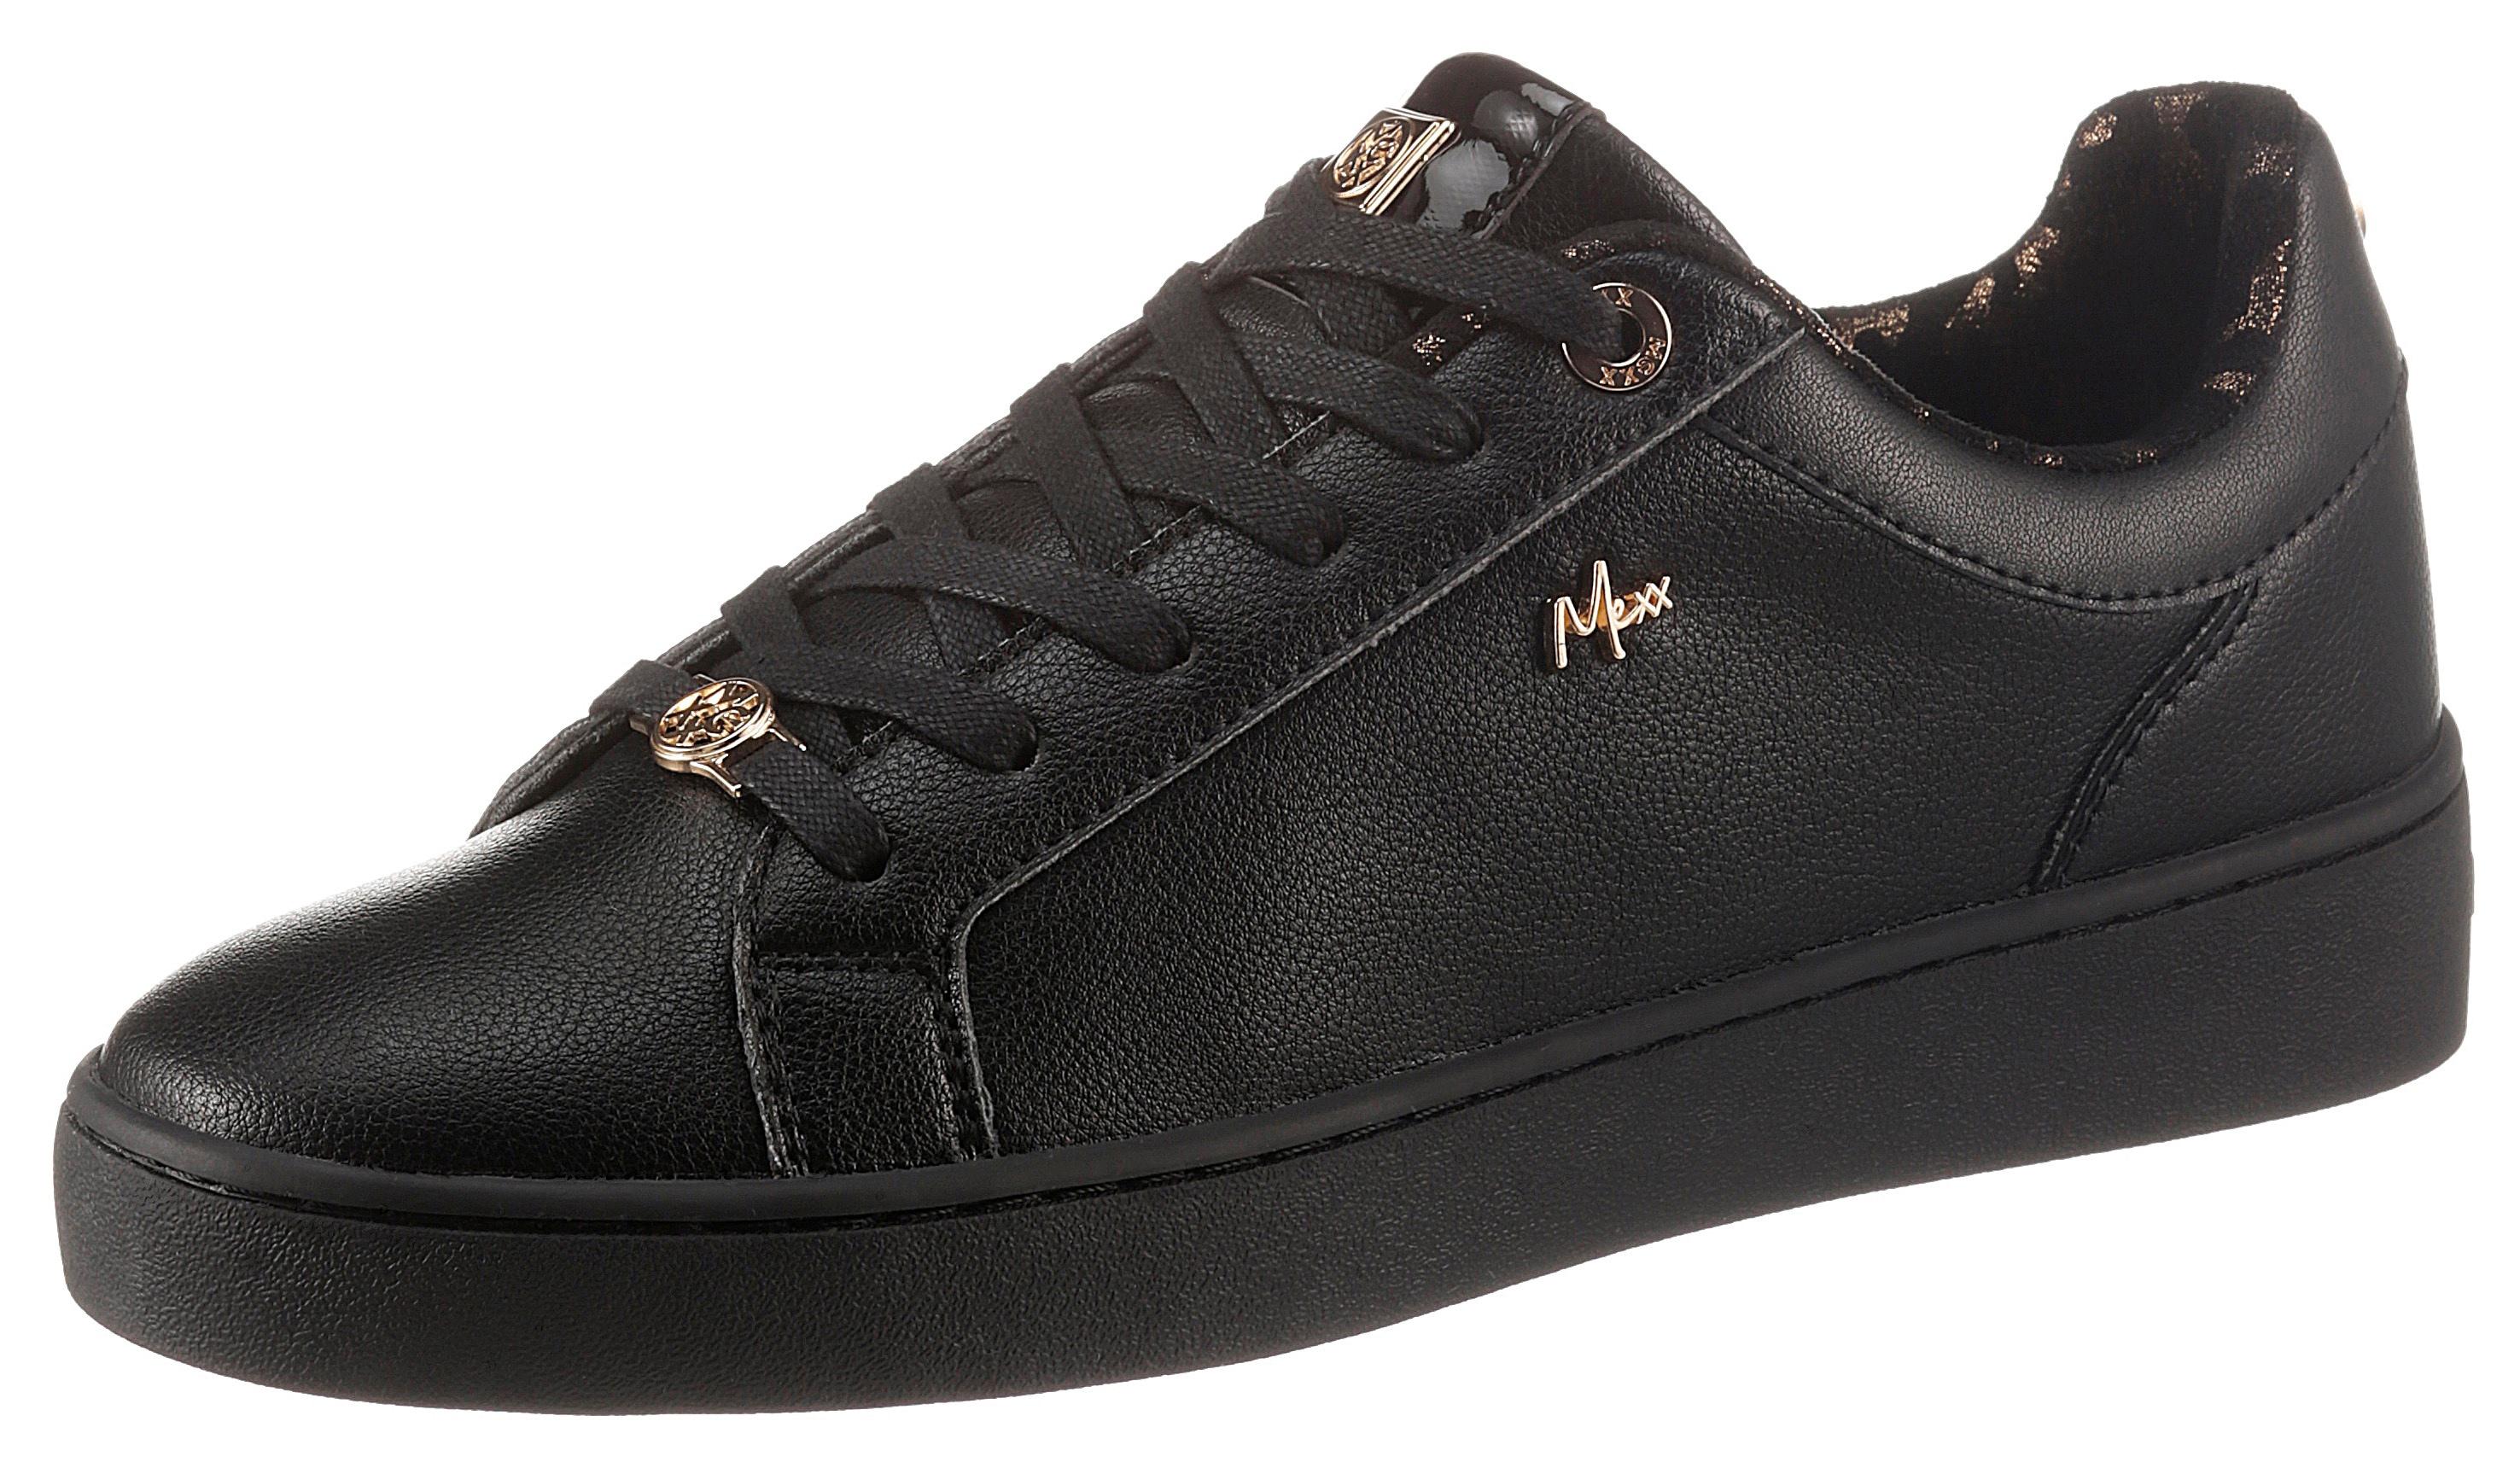 mexx -  Sneaker HEMMY, mit schönen Charms verziert